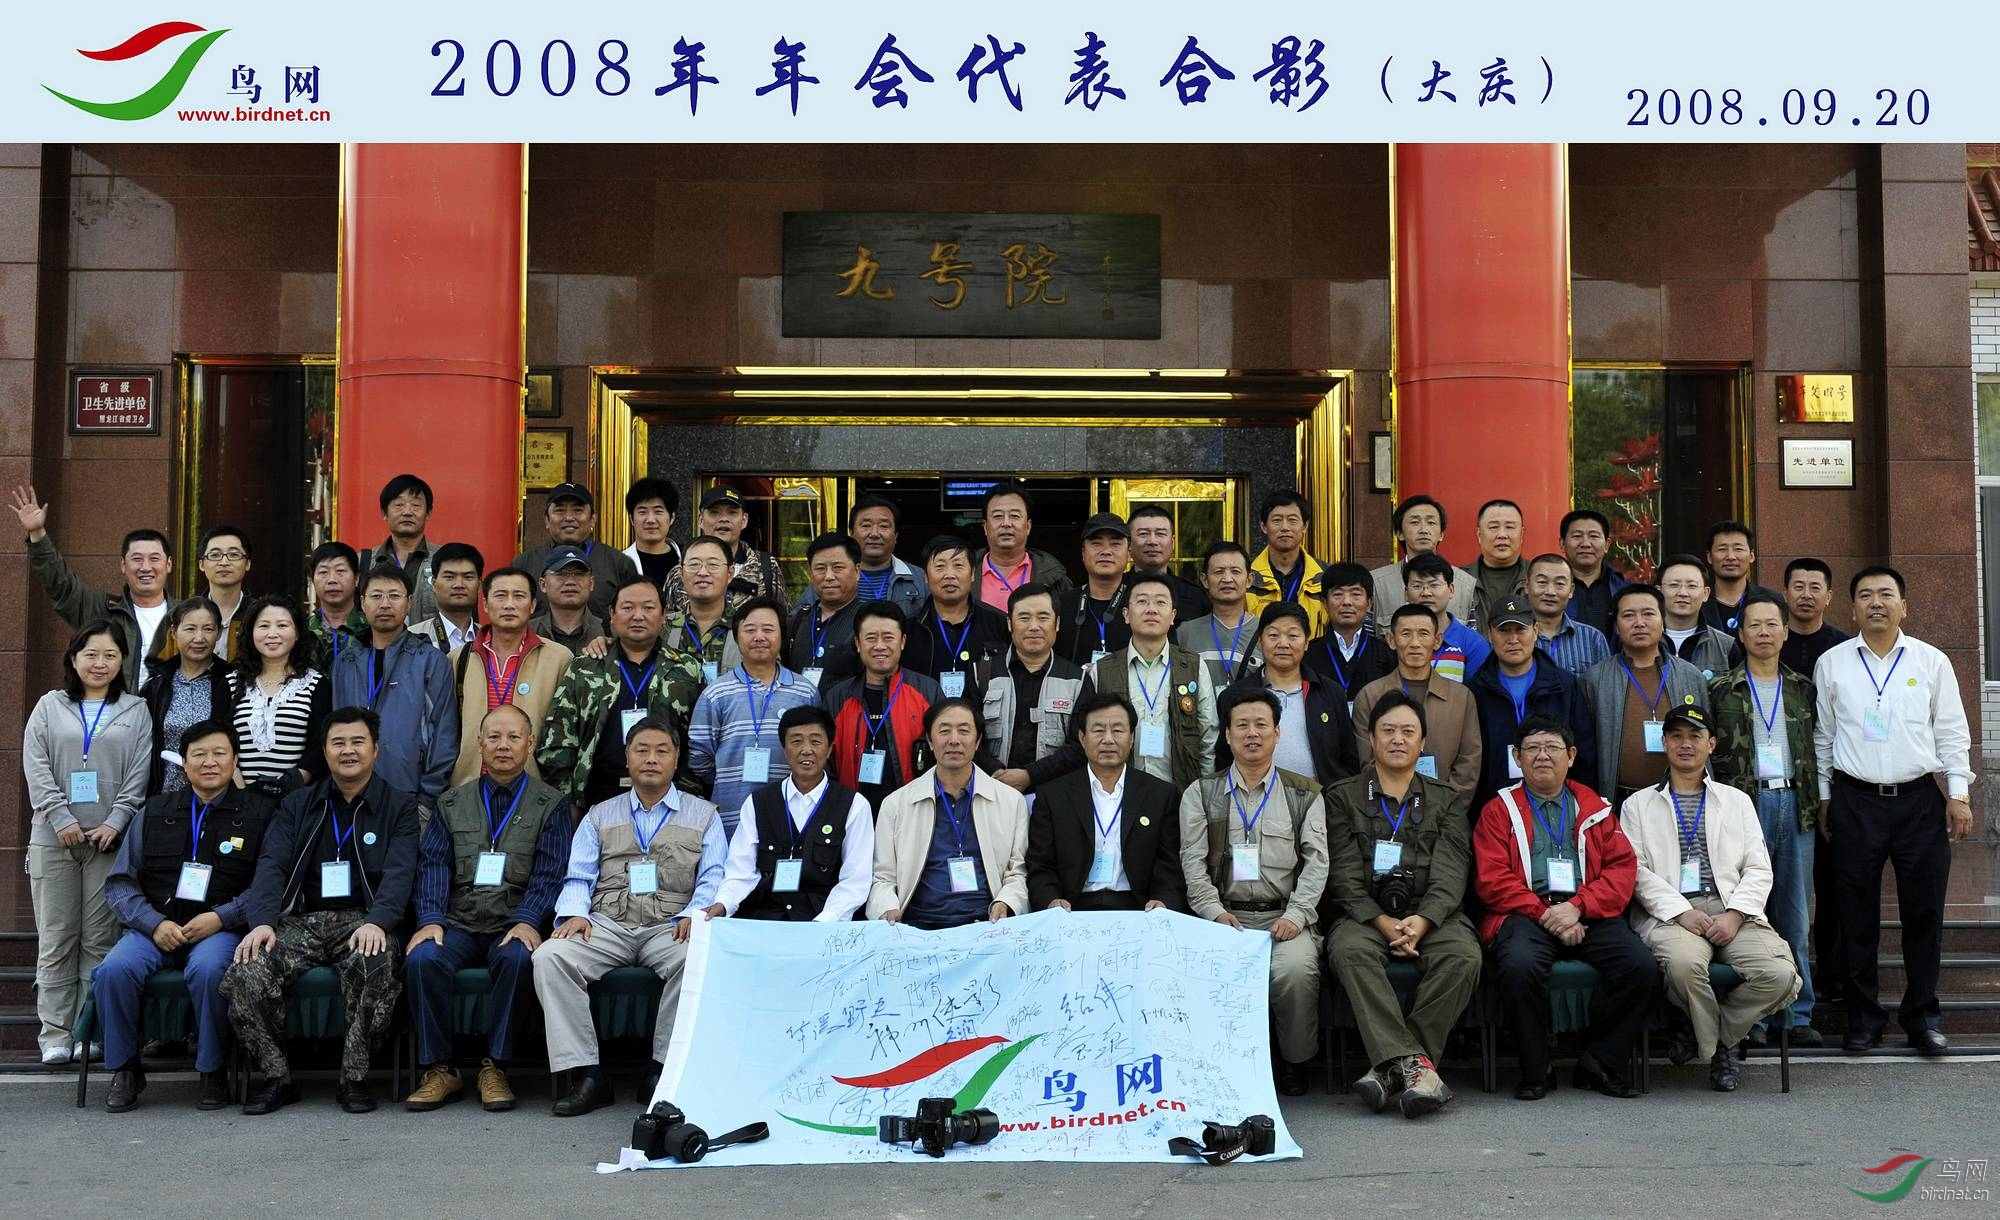 01-2008鸟网年会合影 (1).jpg